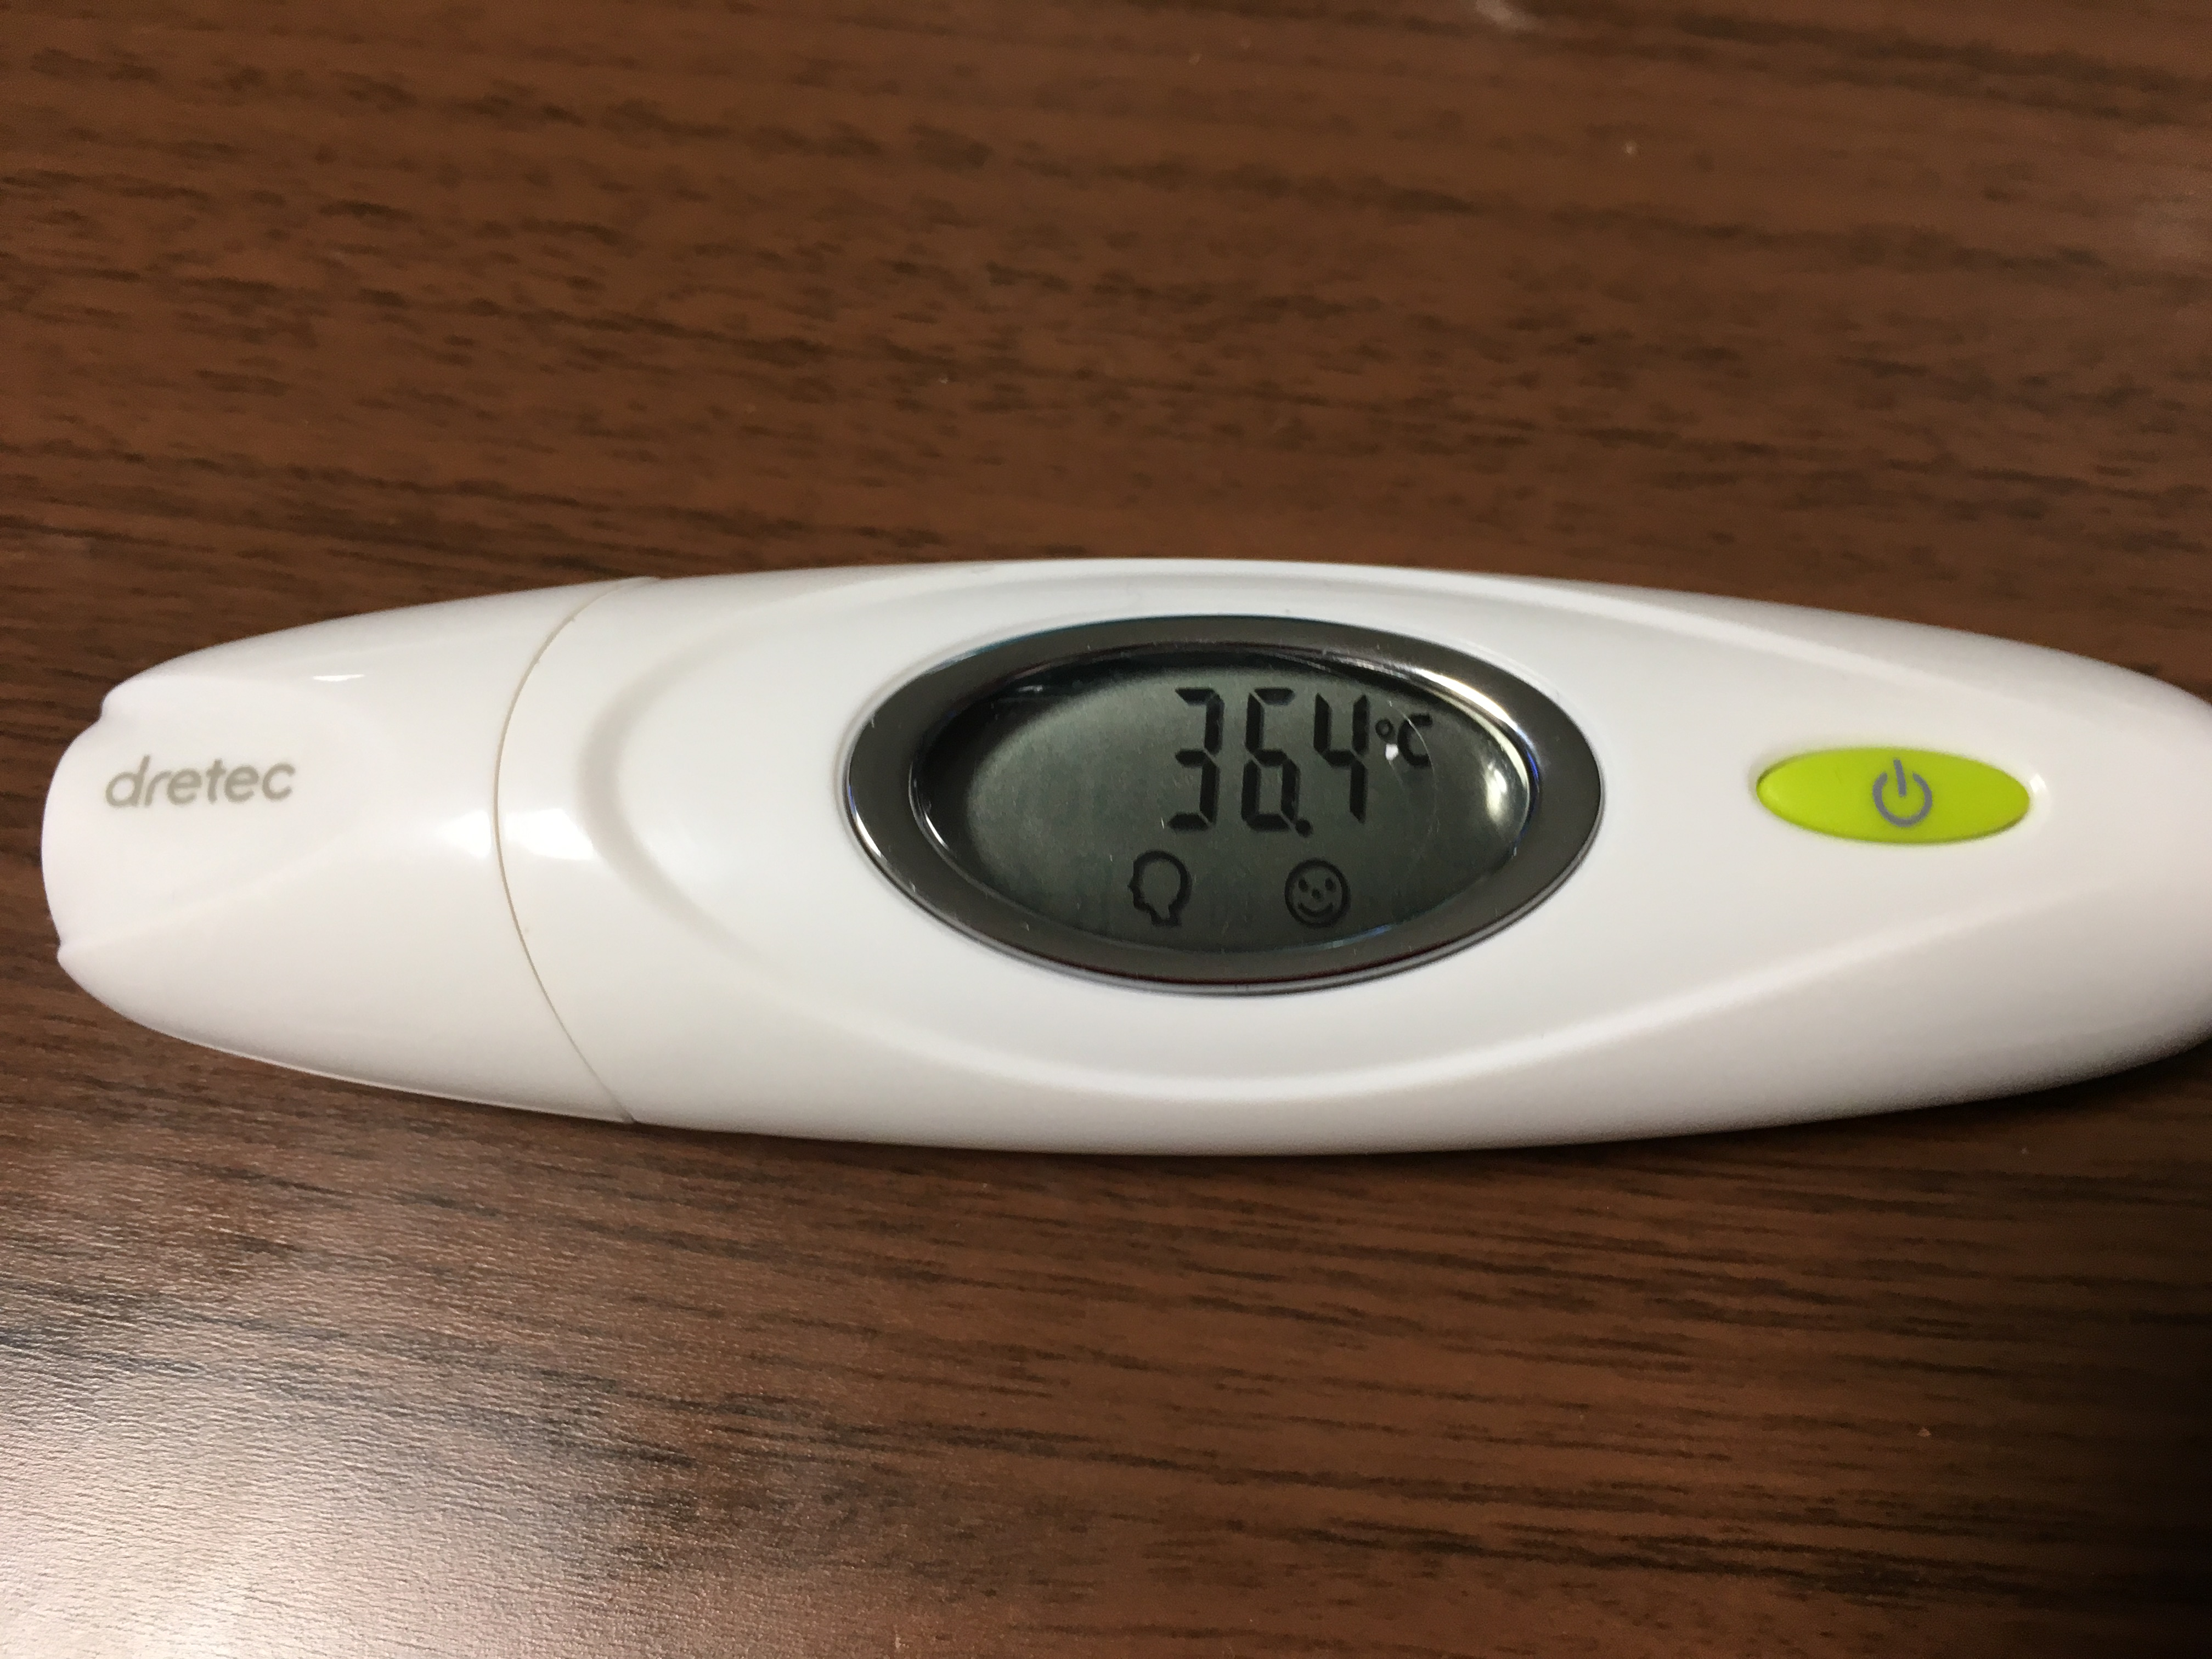 信頼 体温計 性 おでこ 《2021年》体温計のおすすめ15選。衛生的な非接触体温計や正確な基礎体温計も